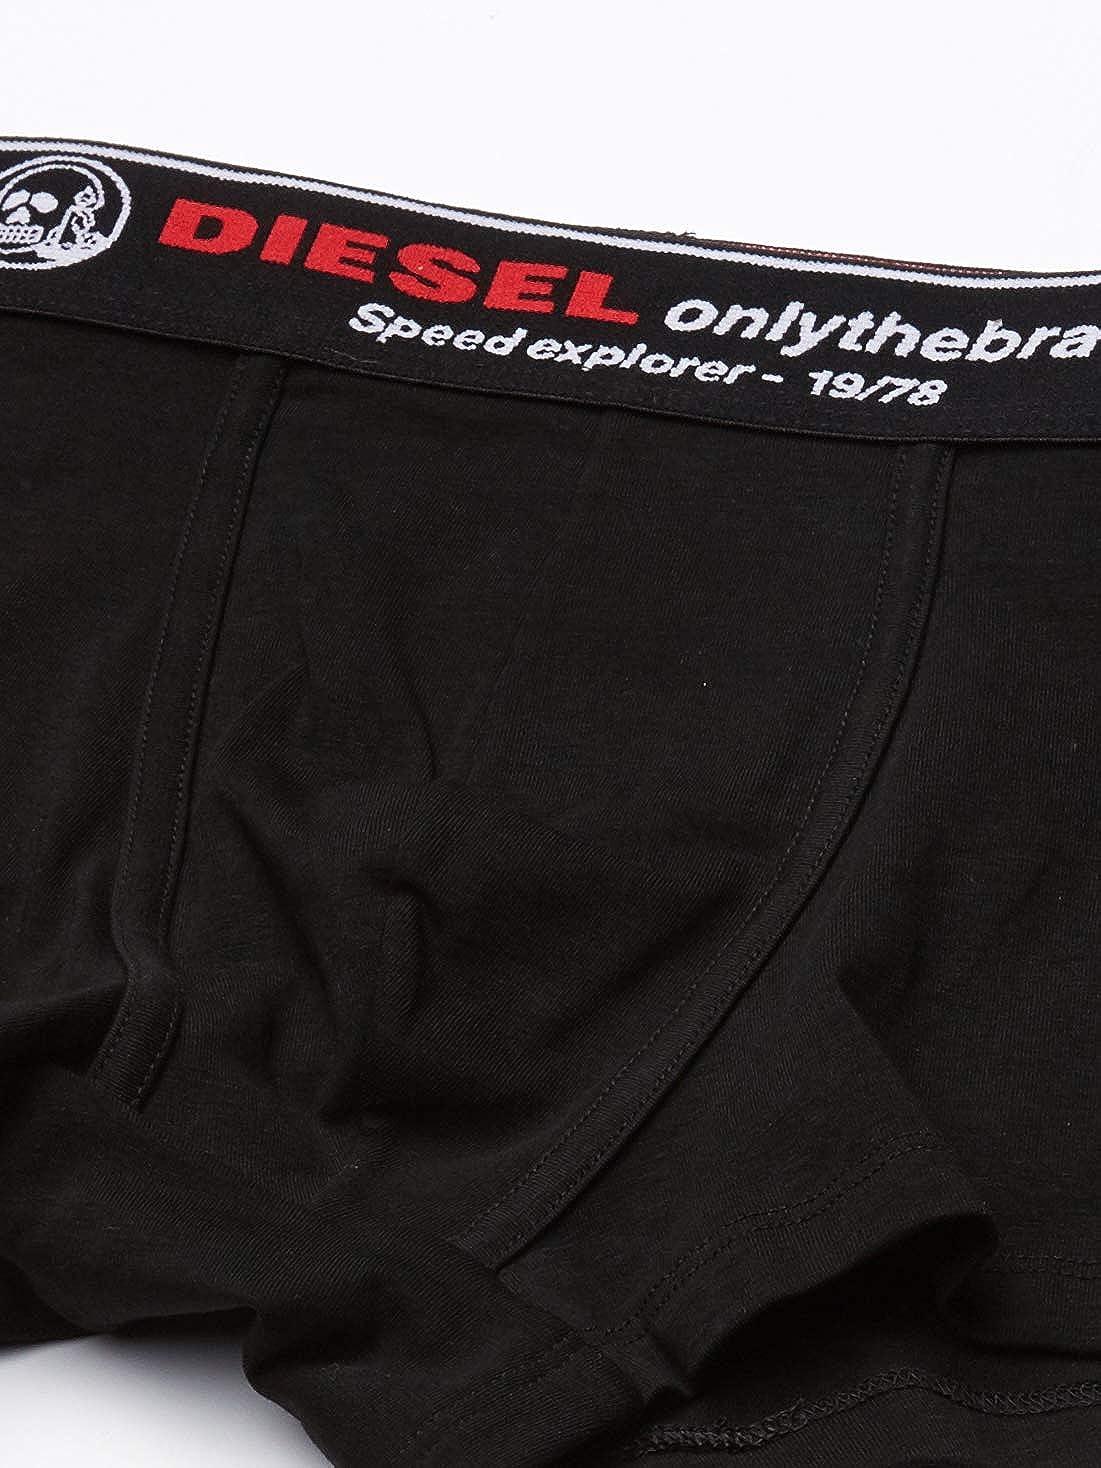 Diesel Mens UMBX-Damien Boxer-Shorts Trunks